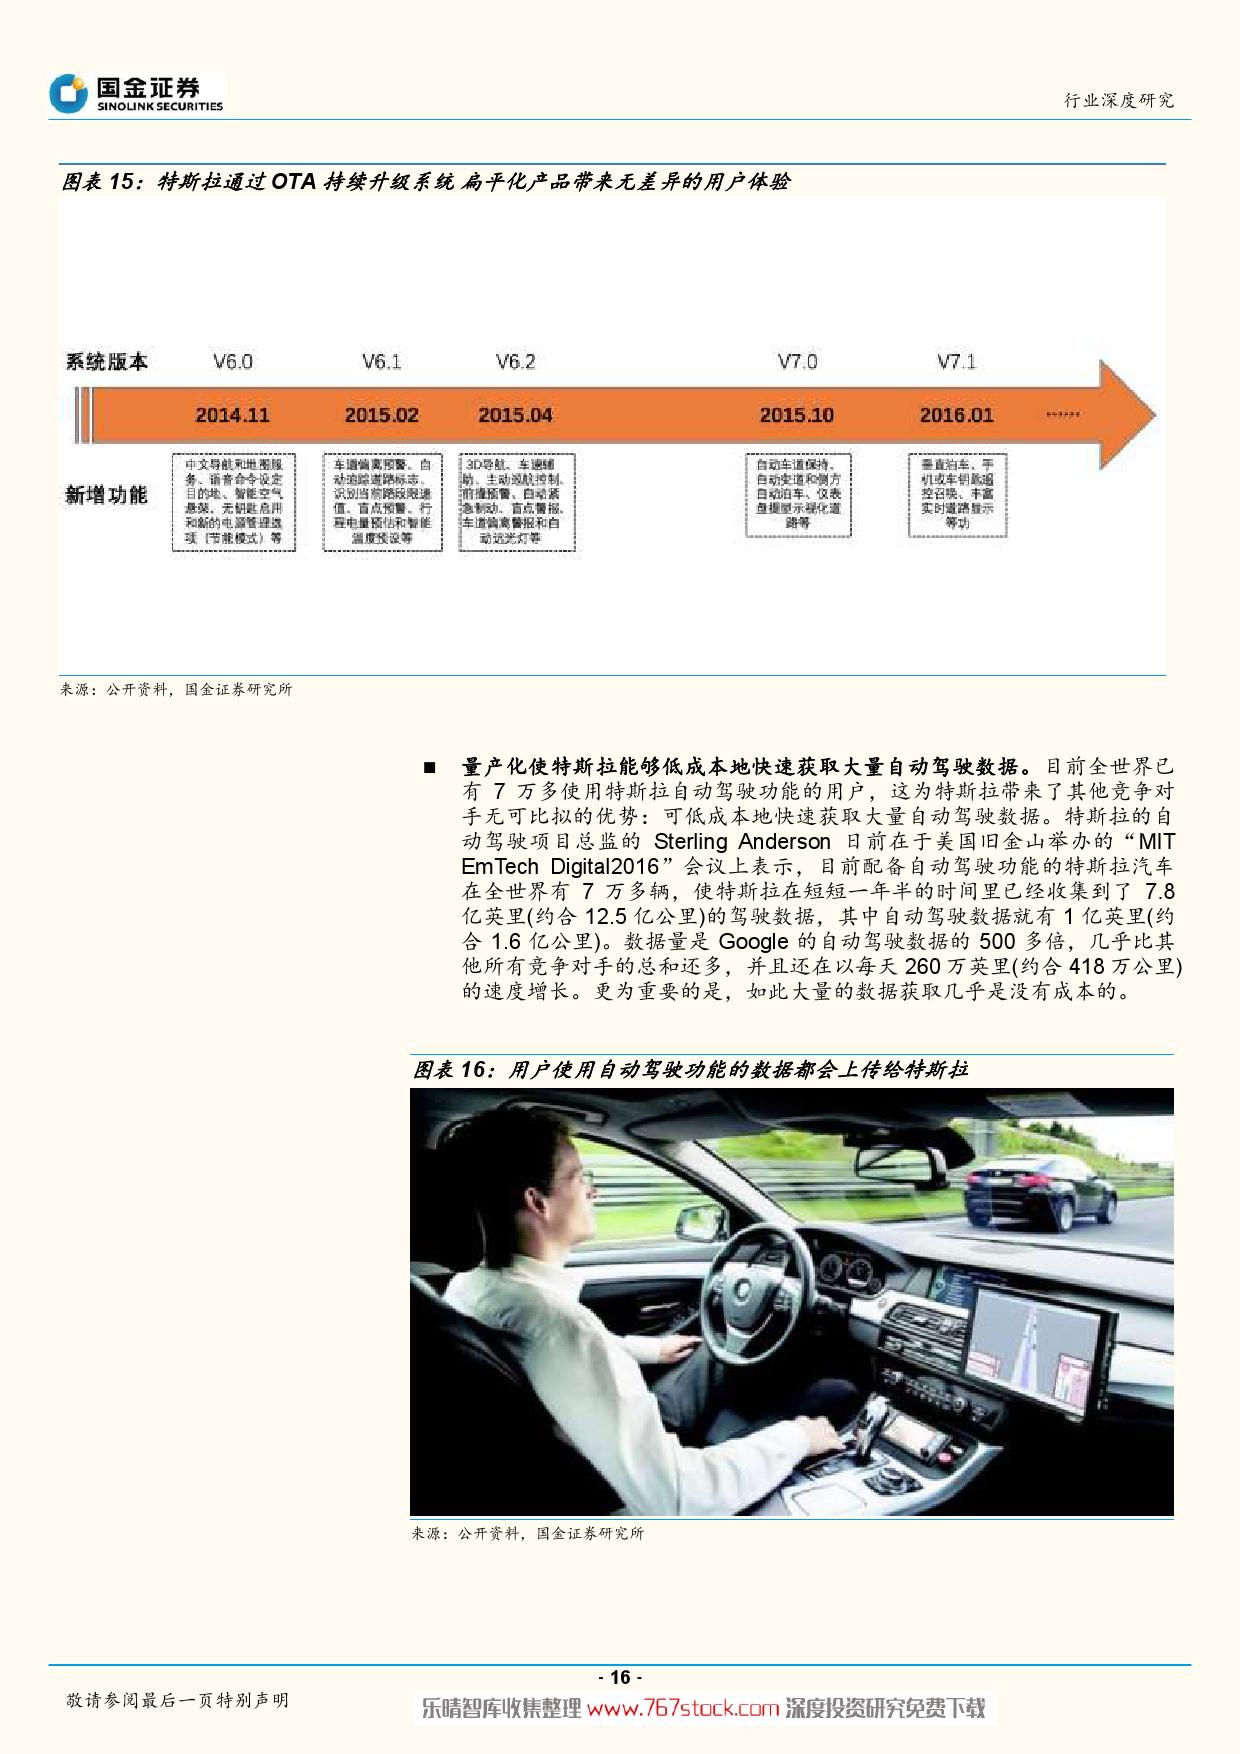 特斯拉产业系列深度报告-智能驾驶爆发在即_000016